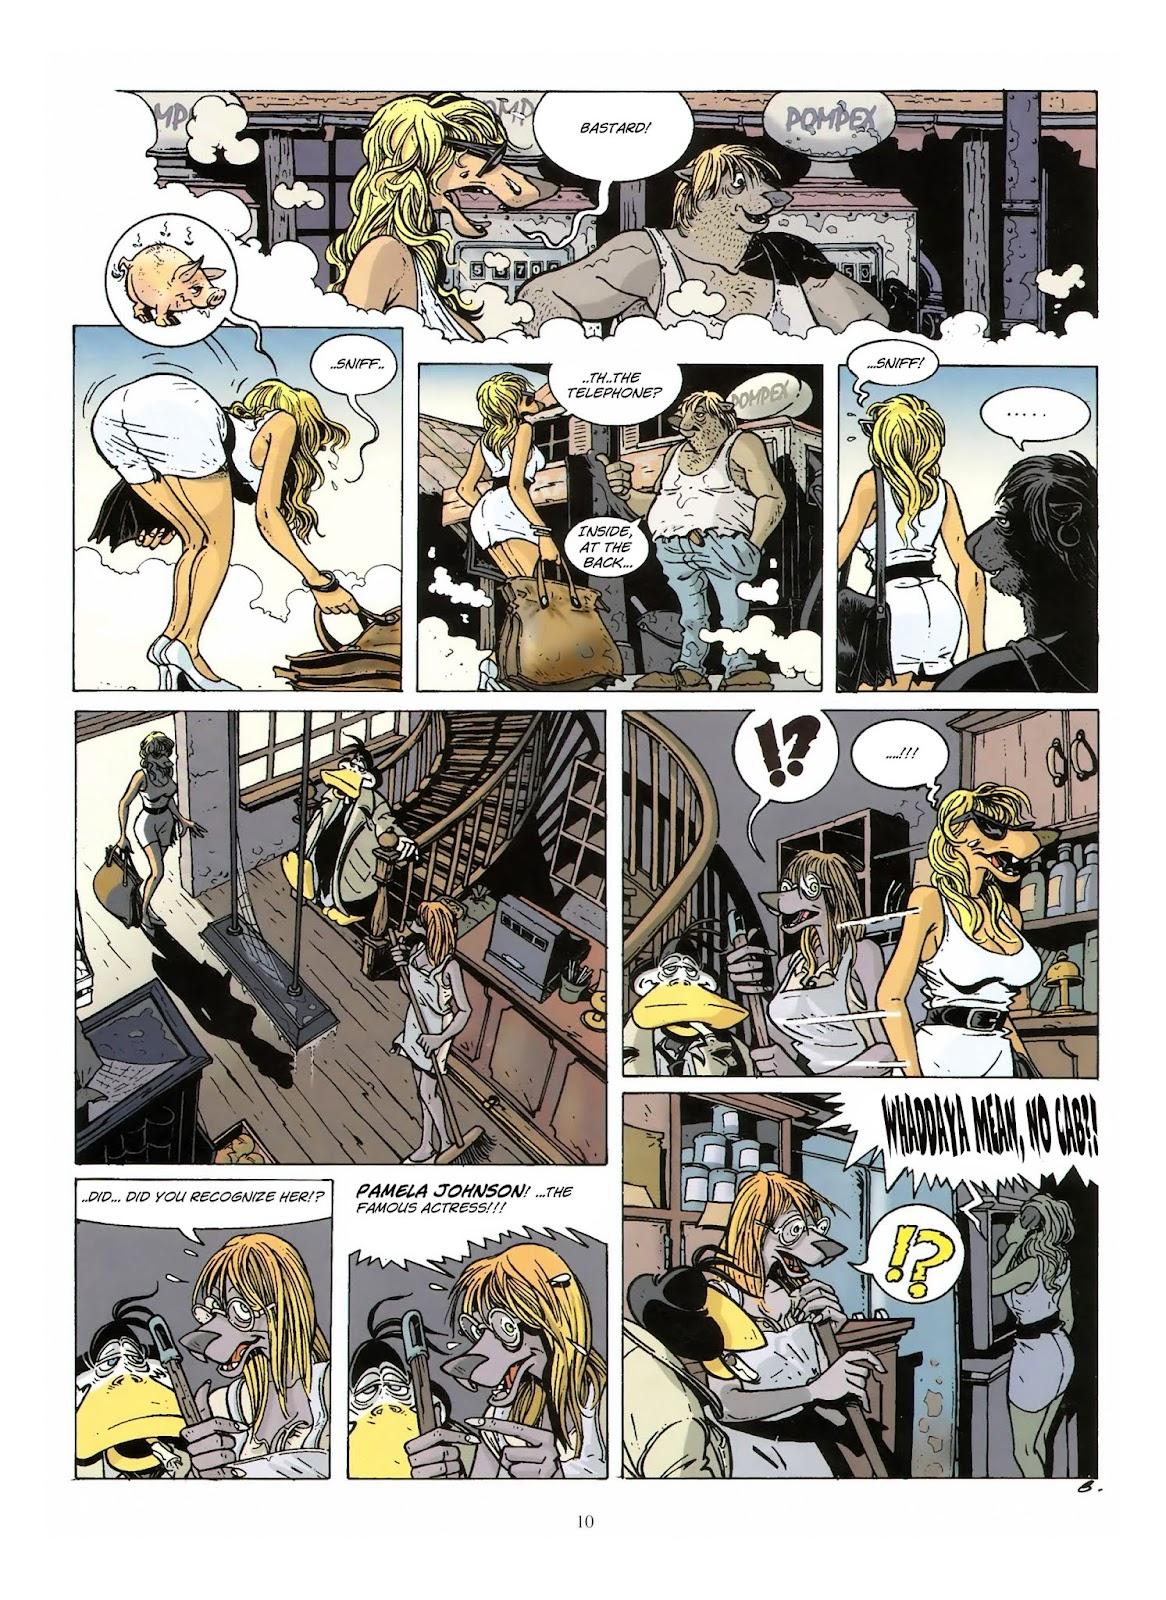 Une enquête de l'inspecteur Canardo issue 10 - Page 11